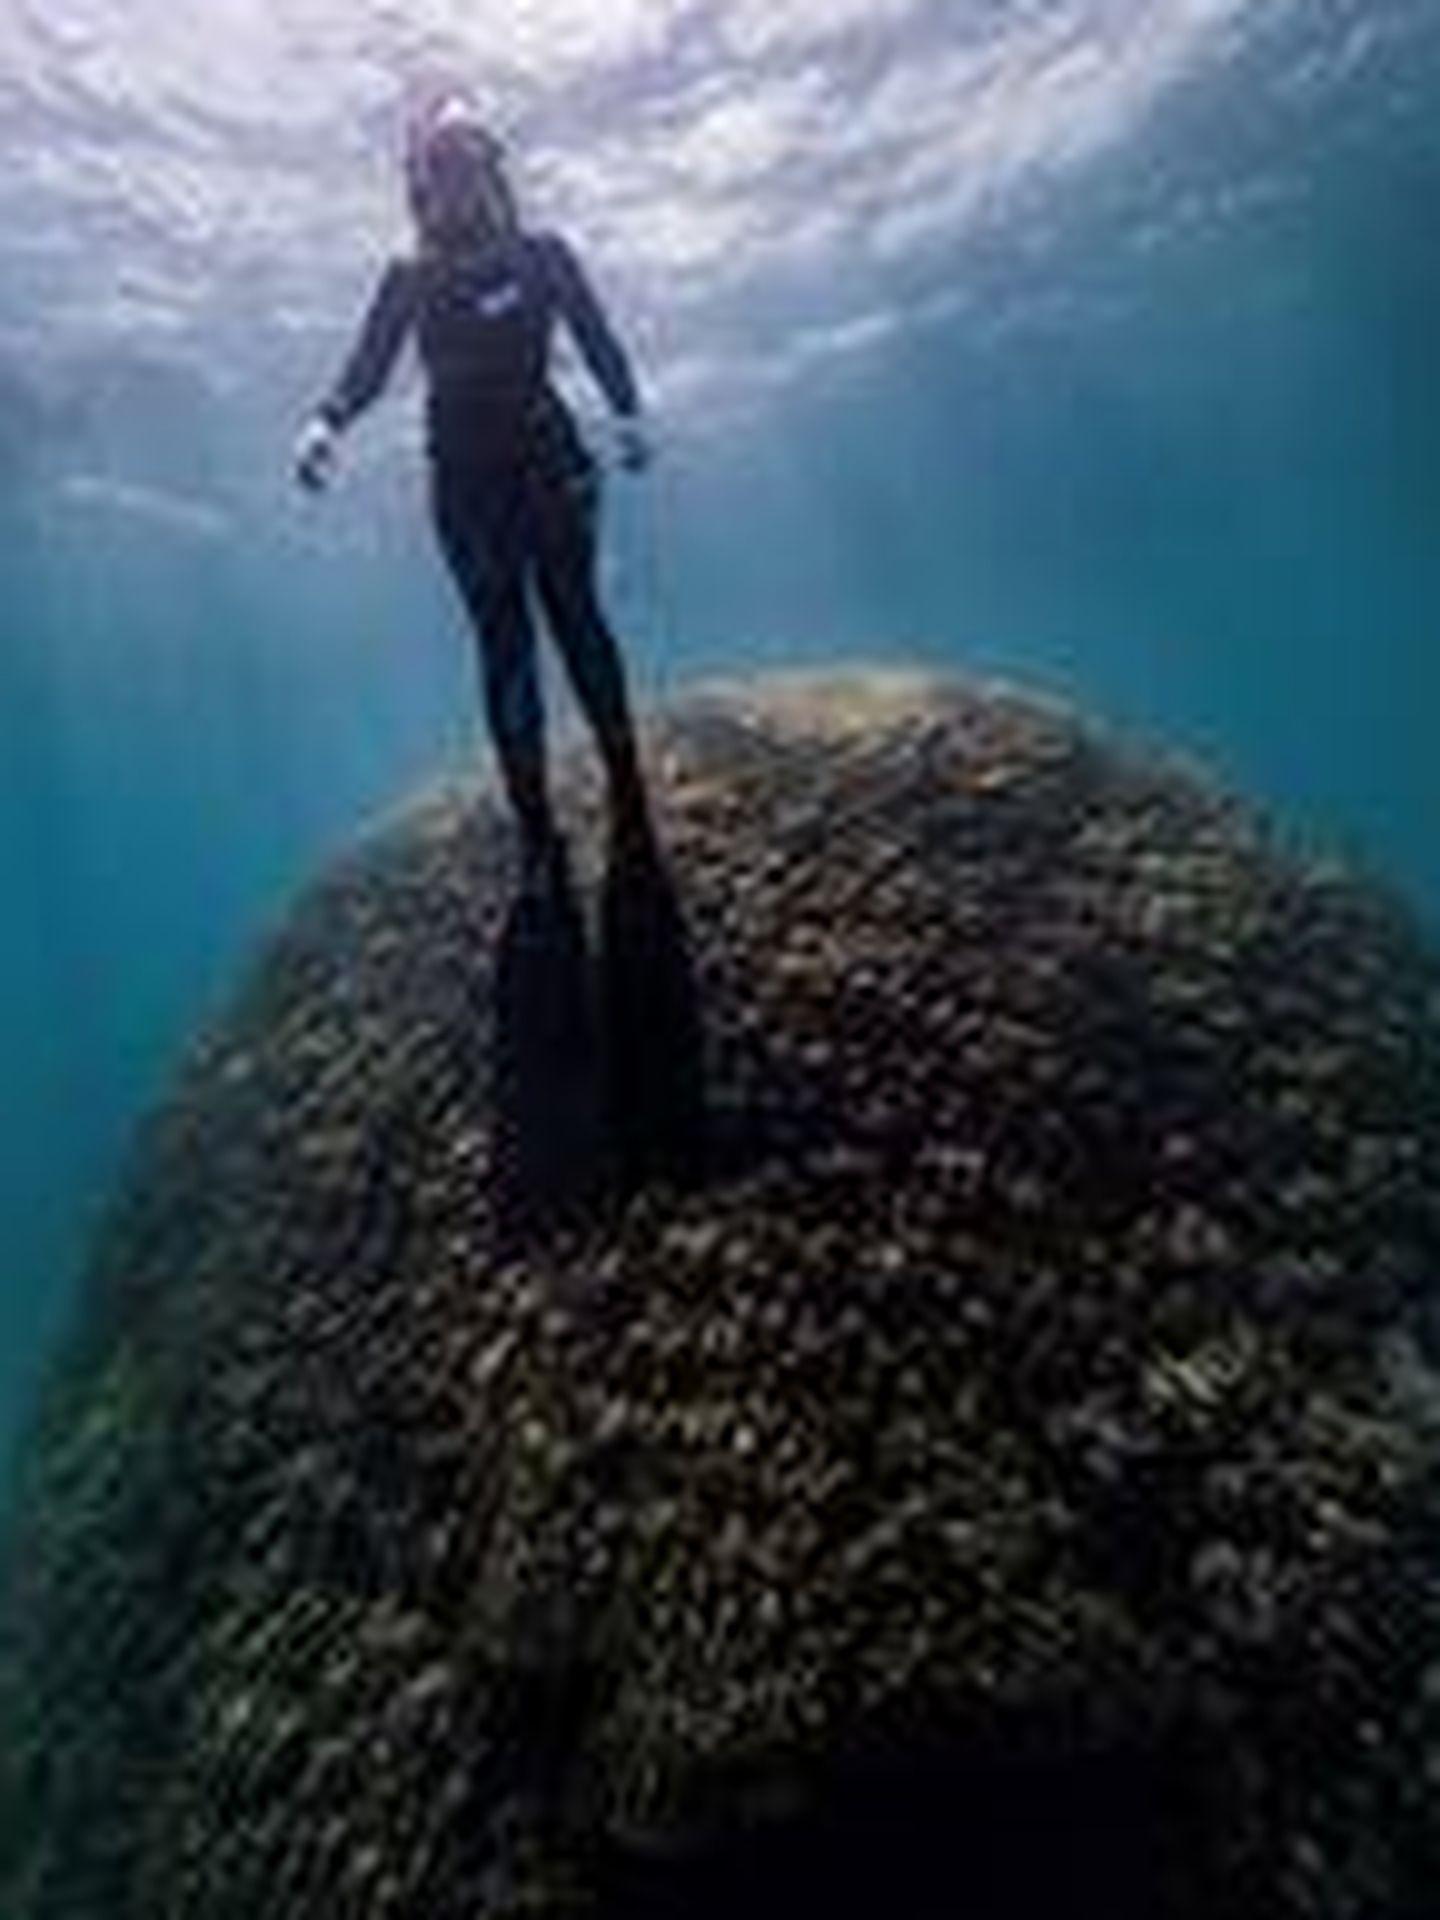 Submarinistas hallan un enorme coral de 400 años en Gran Barrera australiana. (EFE)